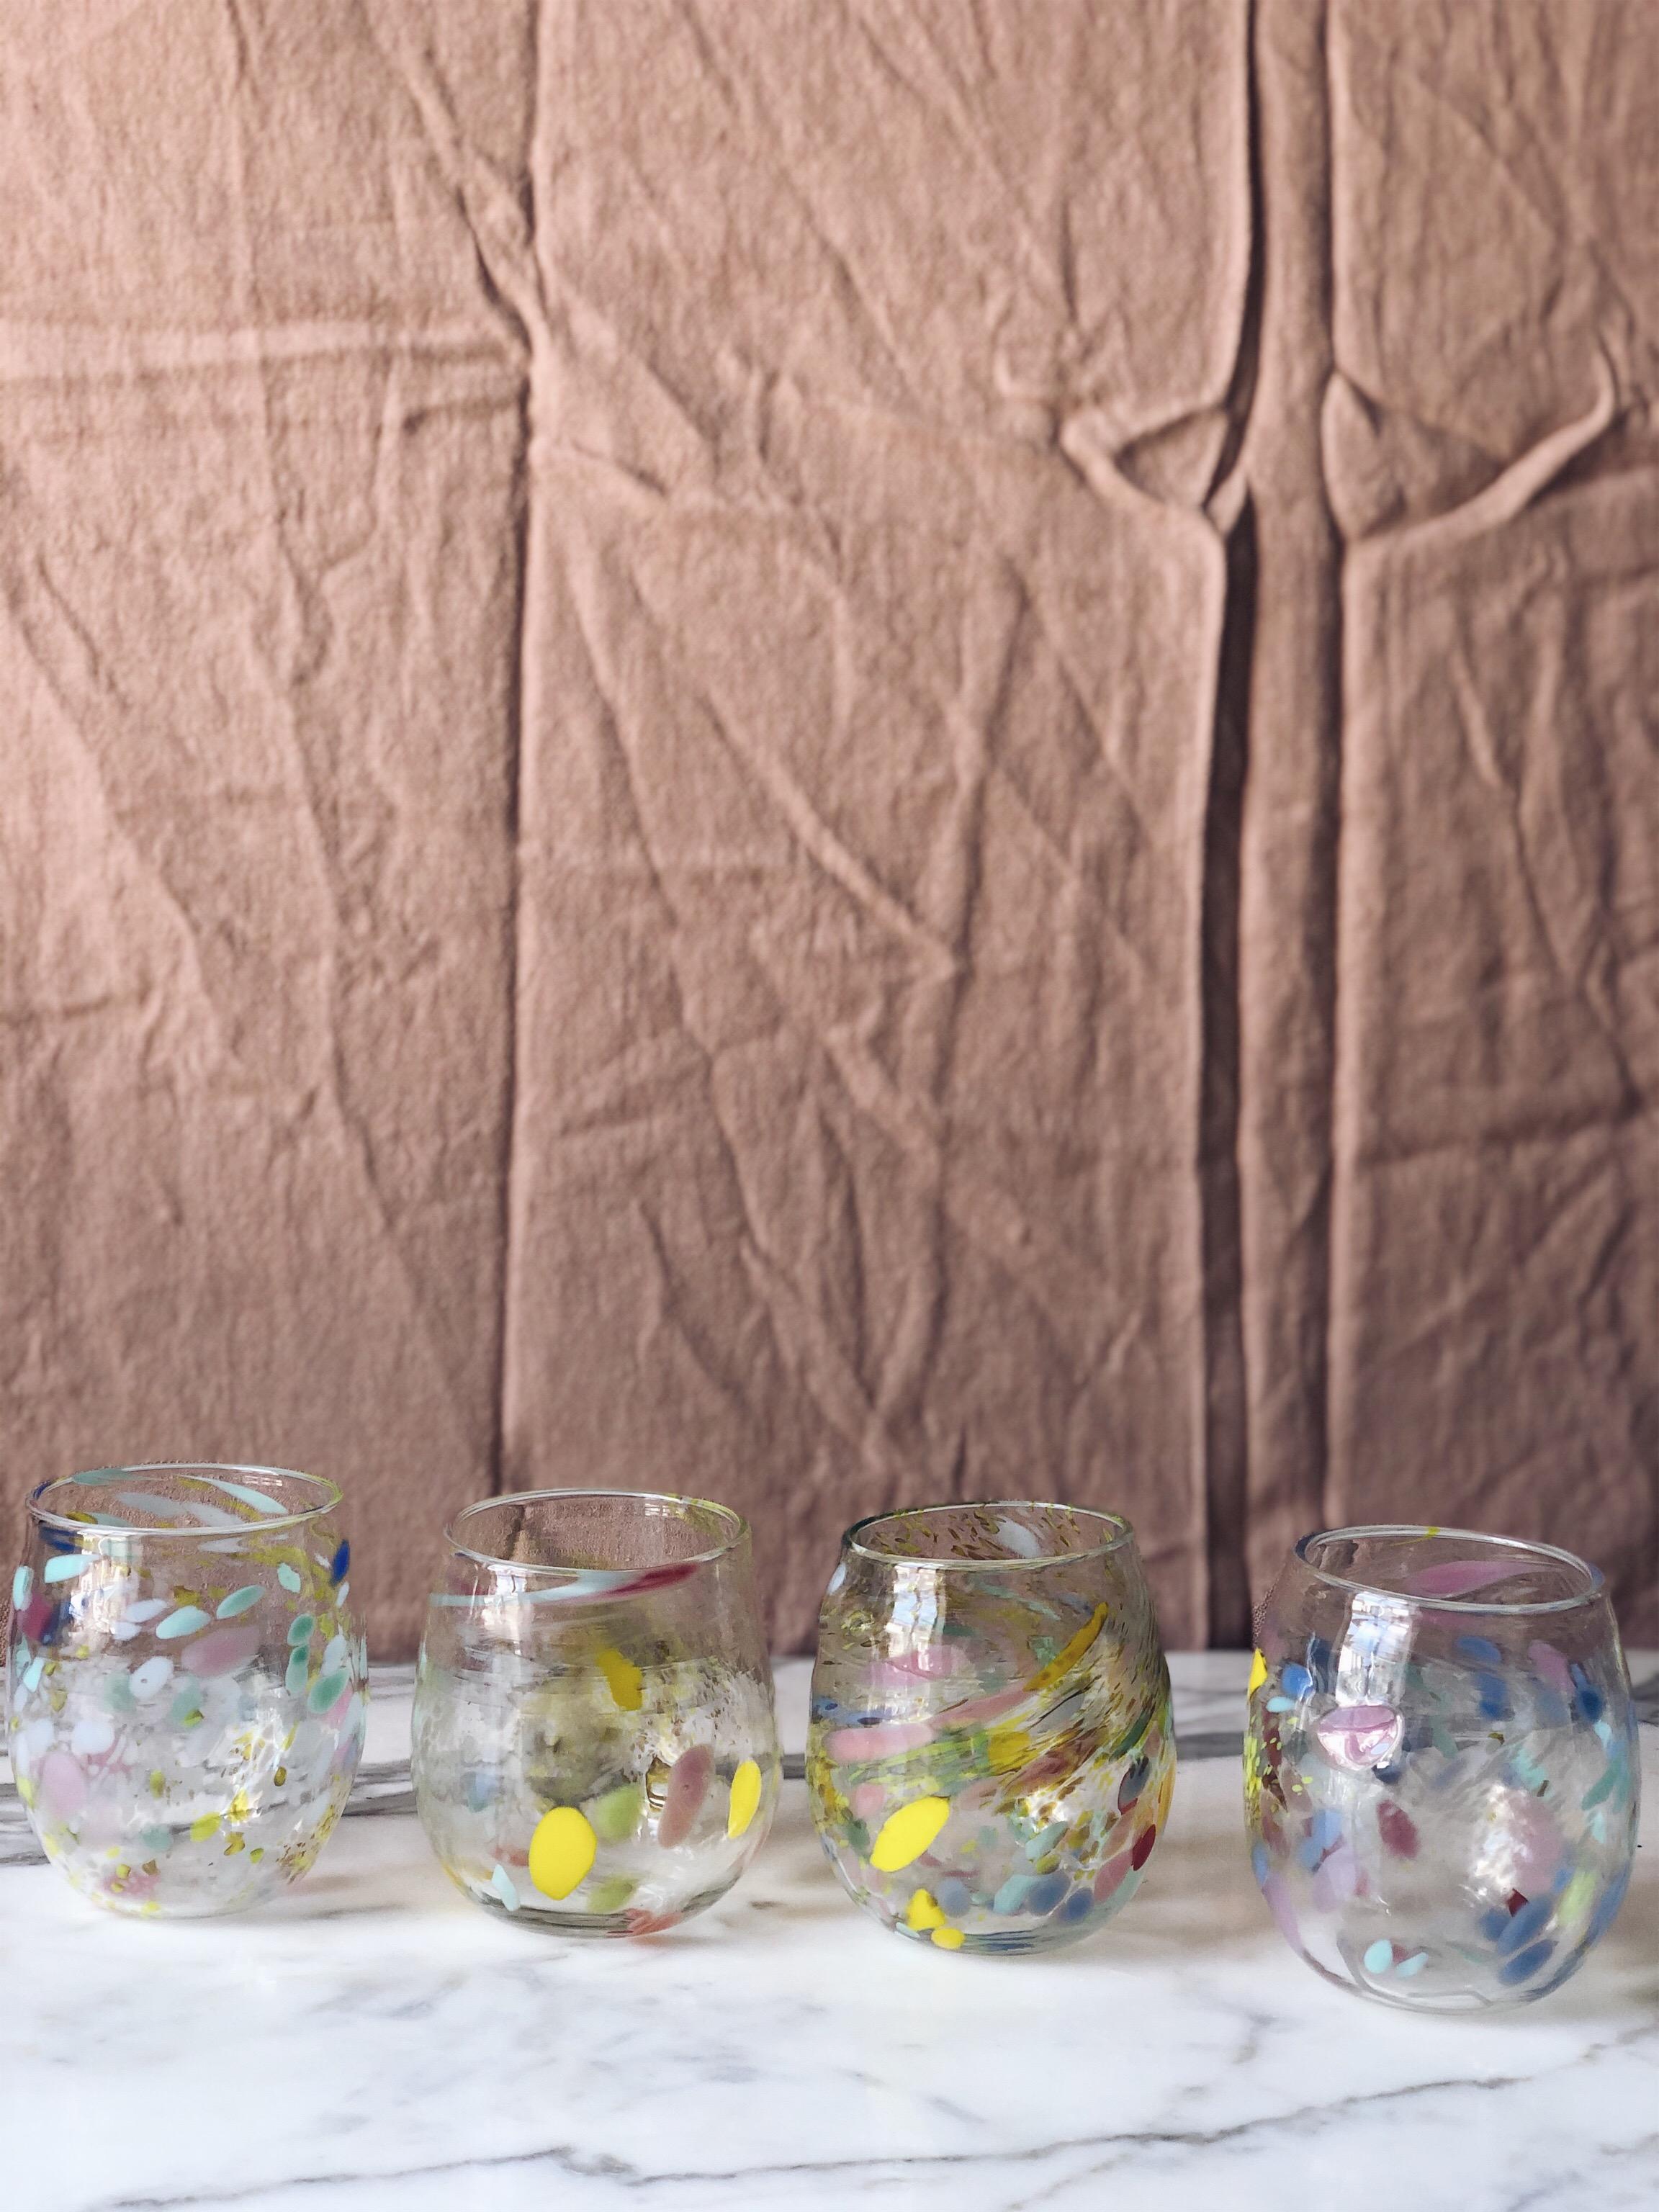 Fredag x Merete Rein, Glas, Små